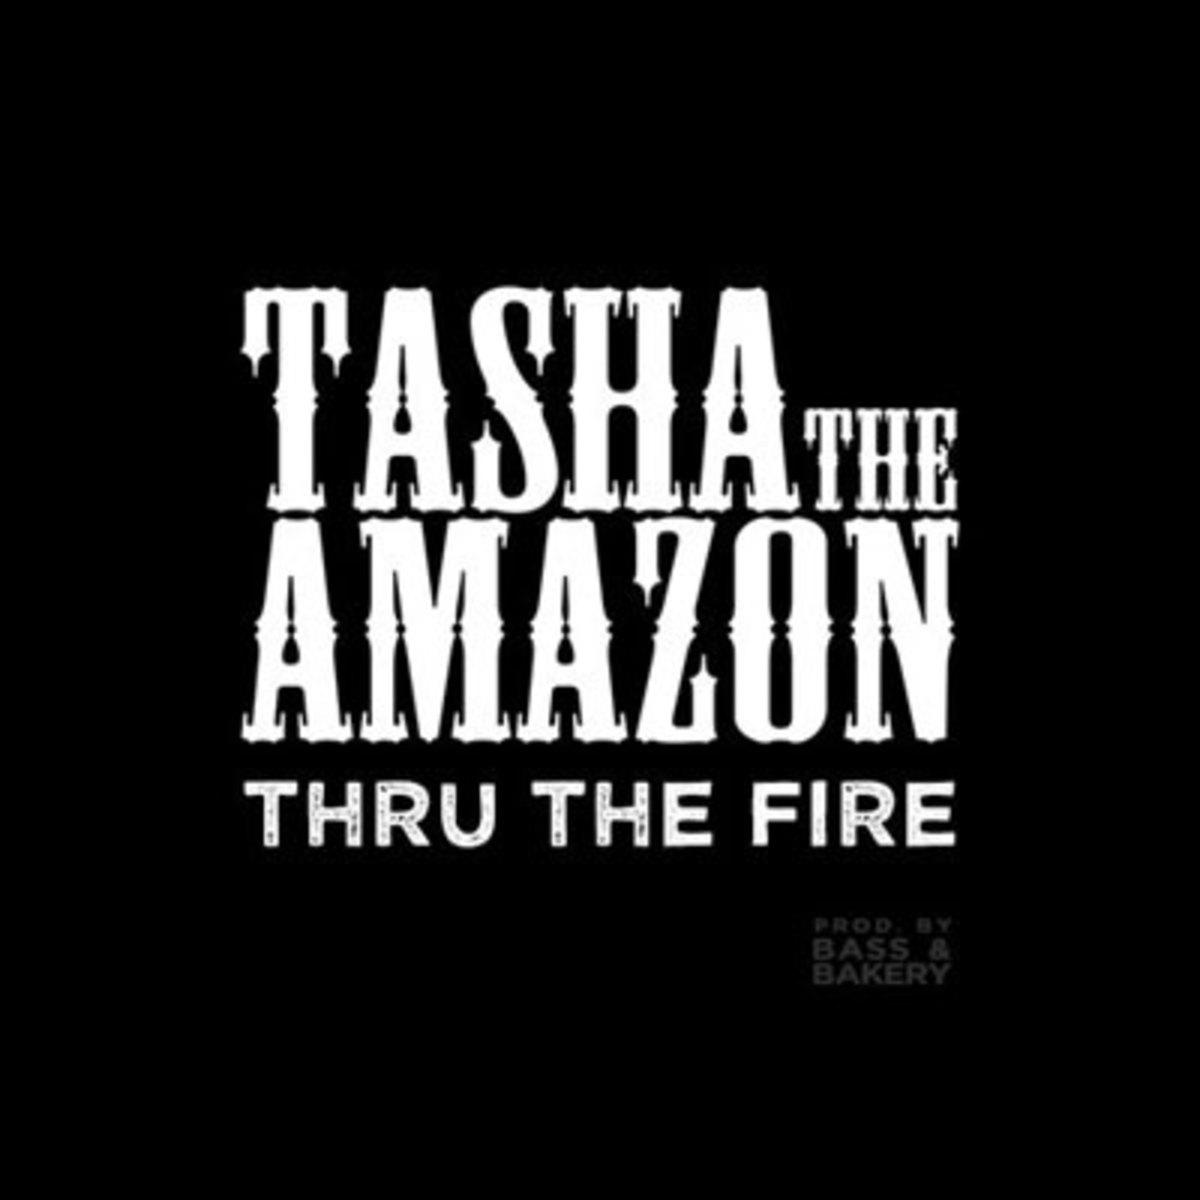 tashaamazon-thruthefire.jpg